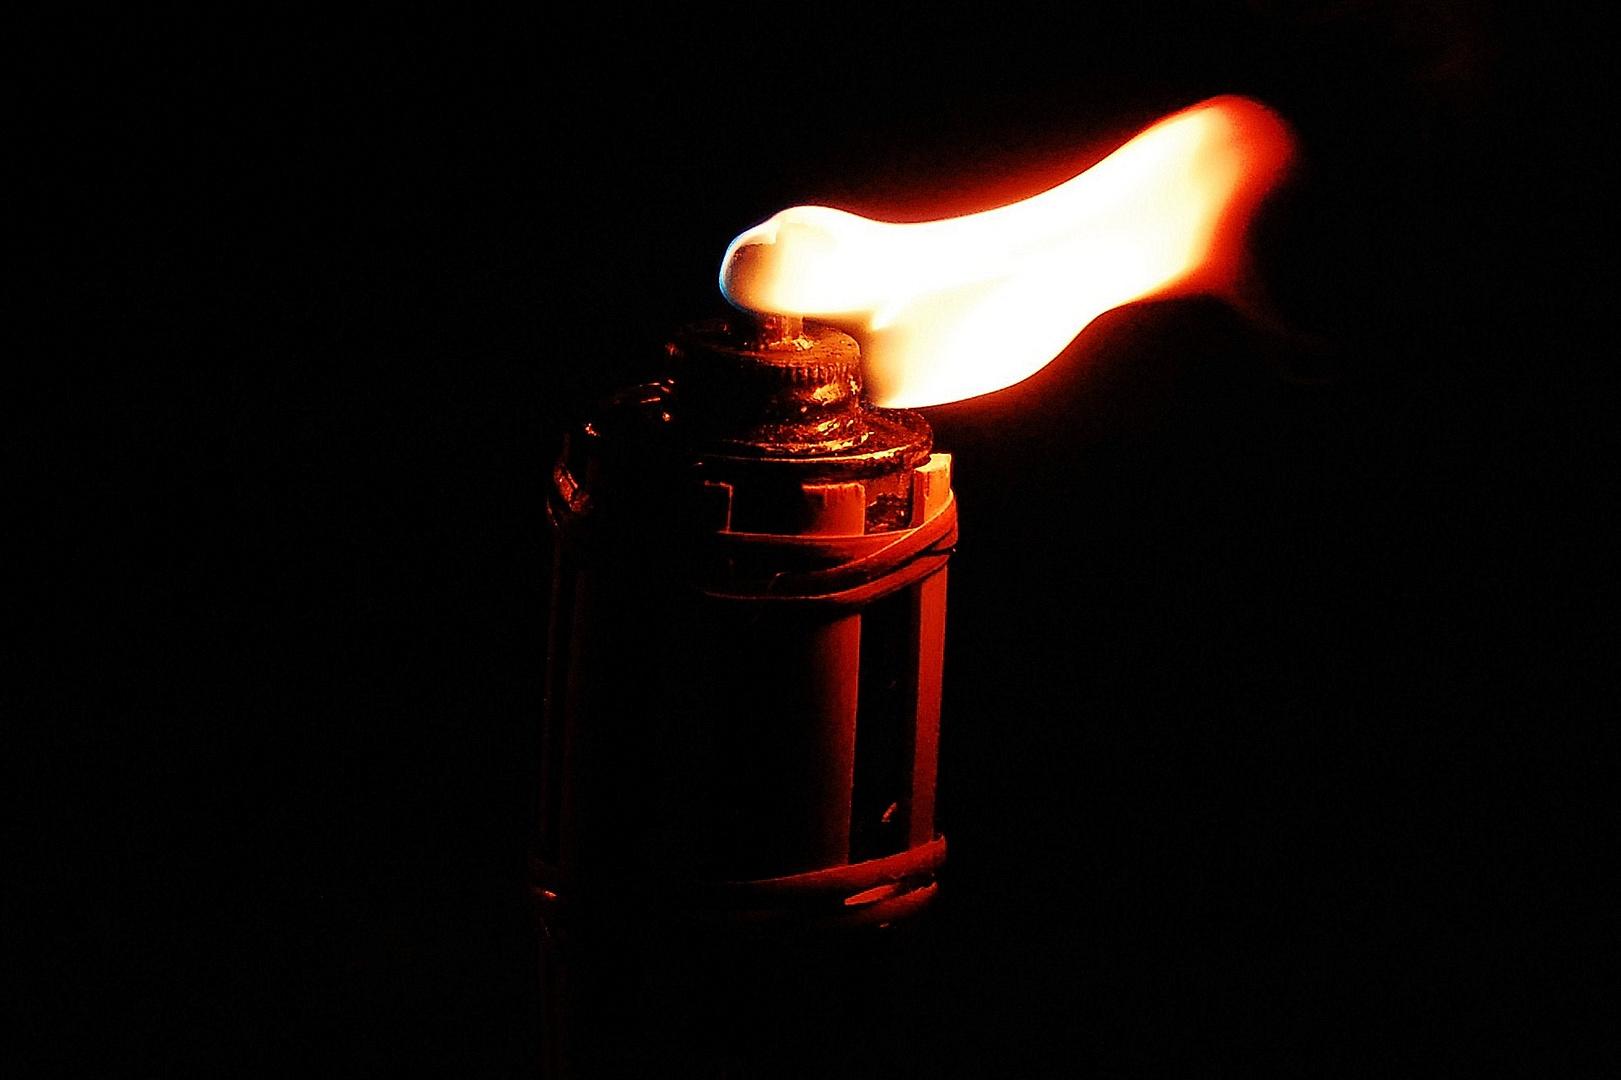 Brennende Fackel im Wind bei Nacht